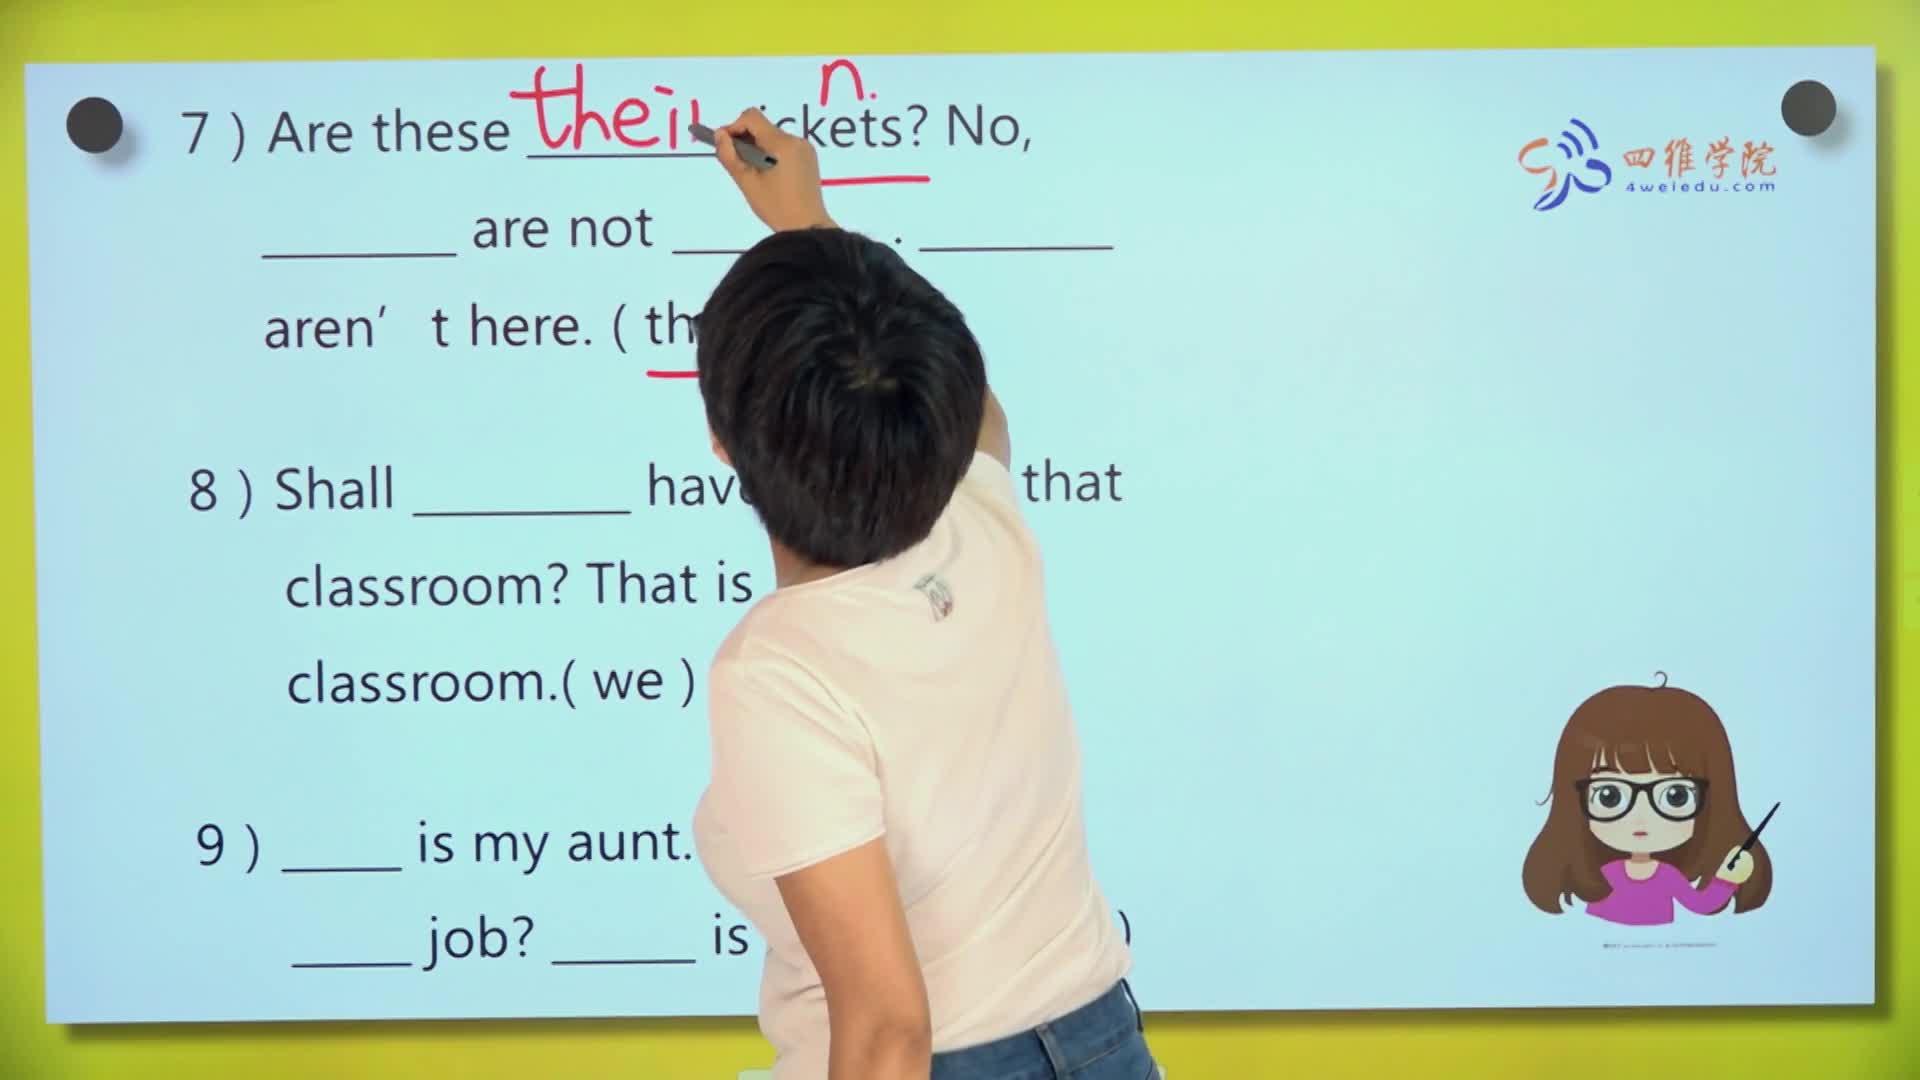 5.5 代词(五)习题集训-【微加】新初一英语同步课程知识精讲(视频) 1、对初一语法点进行各个击破,并结合经典例题讲解,便于学生更加明确初一英语知识框架。 2、涵盖小学英语和初中英语学习方法及内容的变化,帮助学生提前进入初中英语学习状态,及时适应英语学习环境。 [来自e网通客户端]